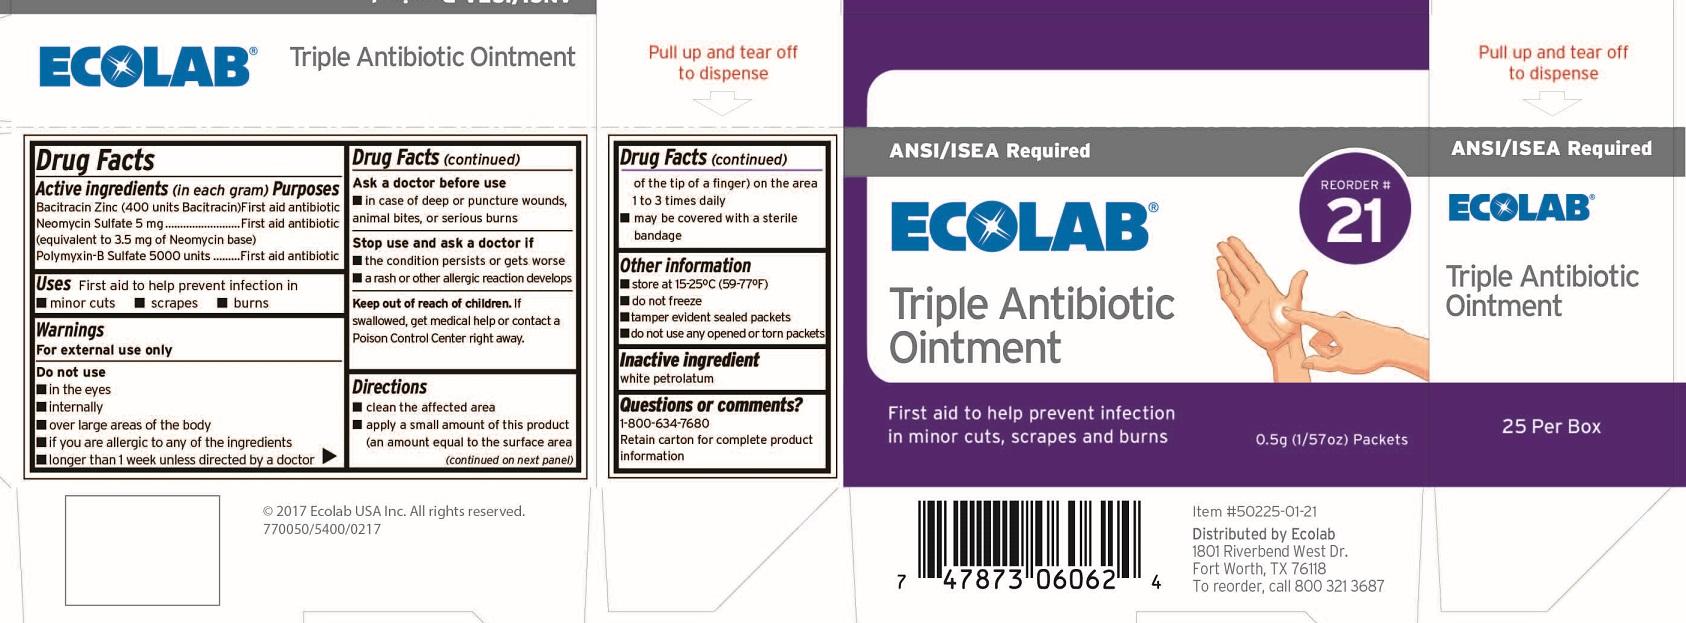 Tribiotic22373